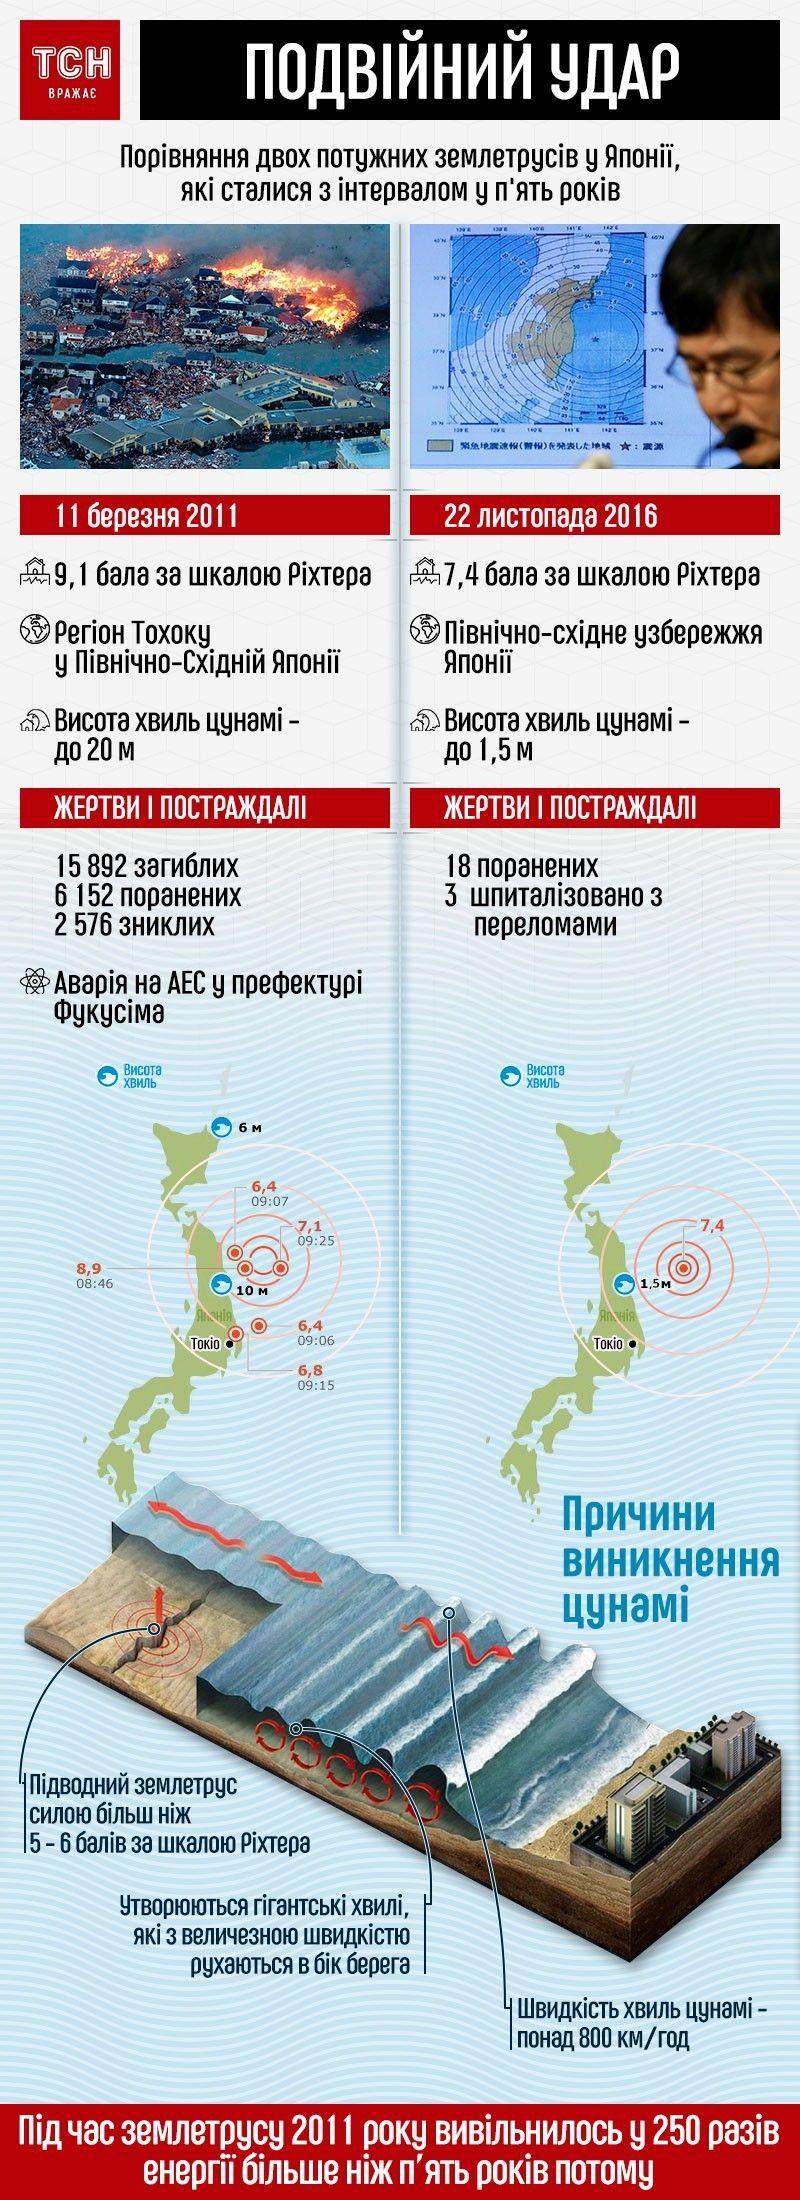 порівняння землетрусів у Японії